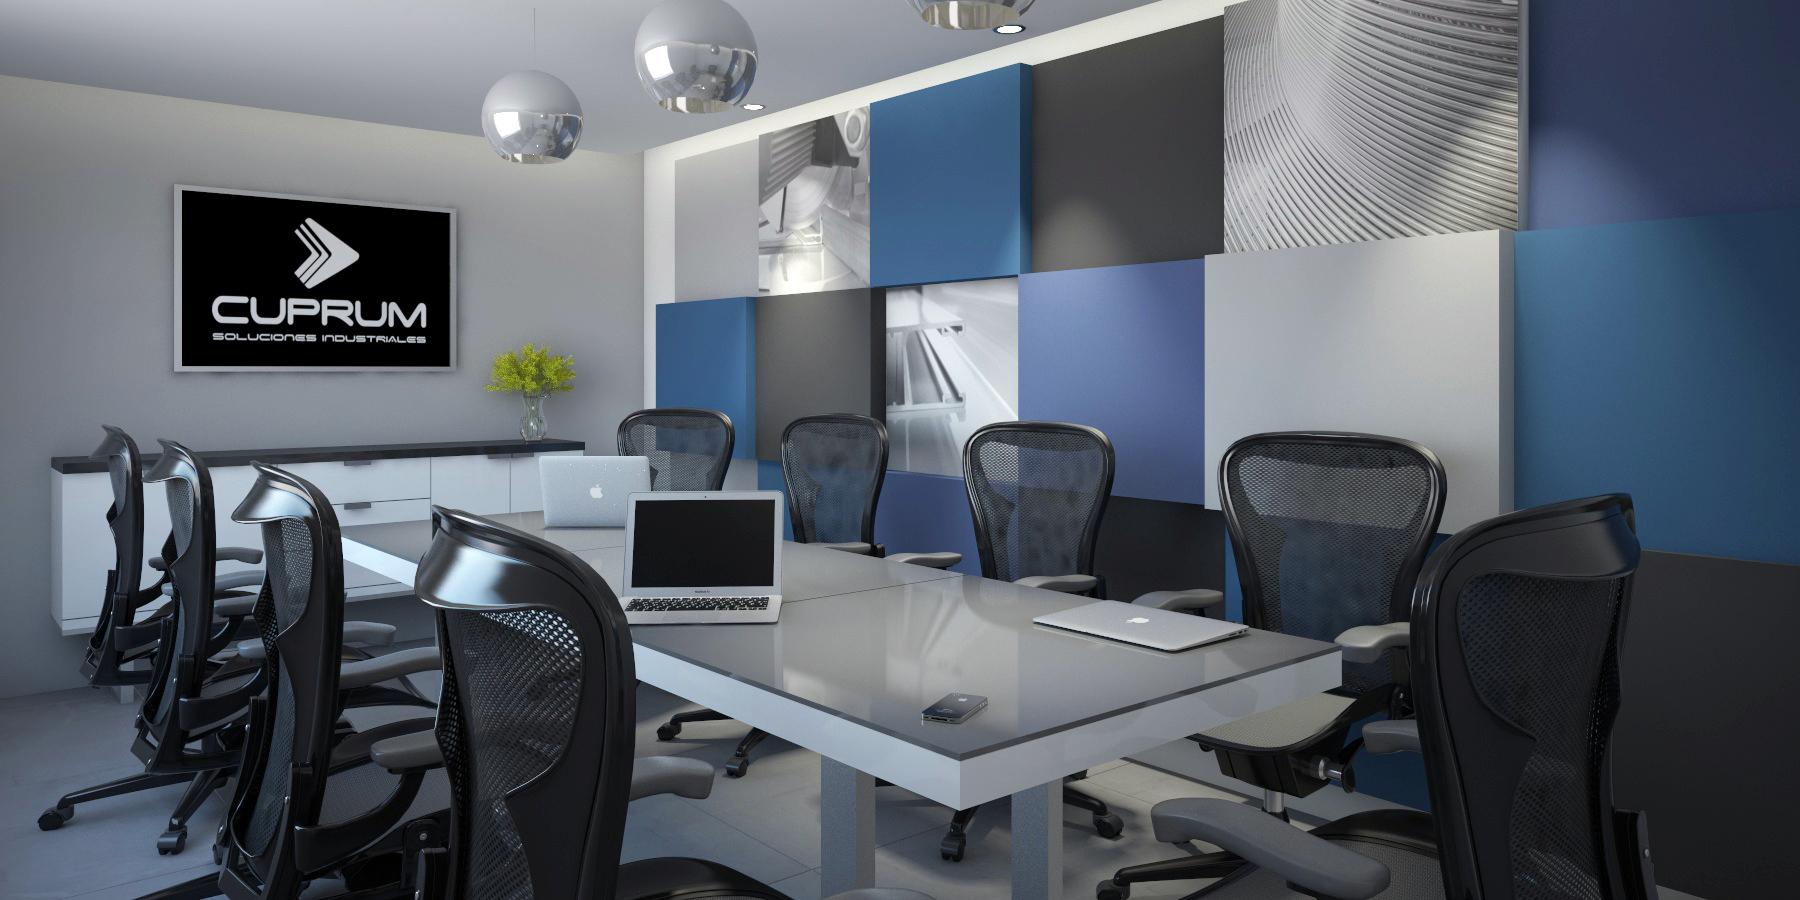 NALA | Interiorismo y Decoración de Oficinas en Monterrey